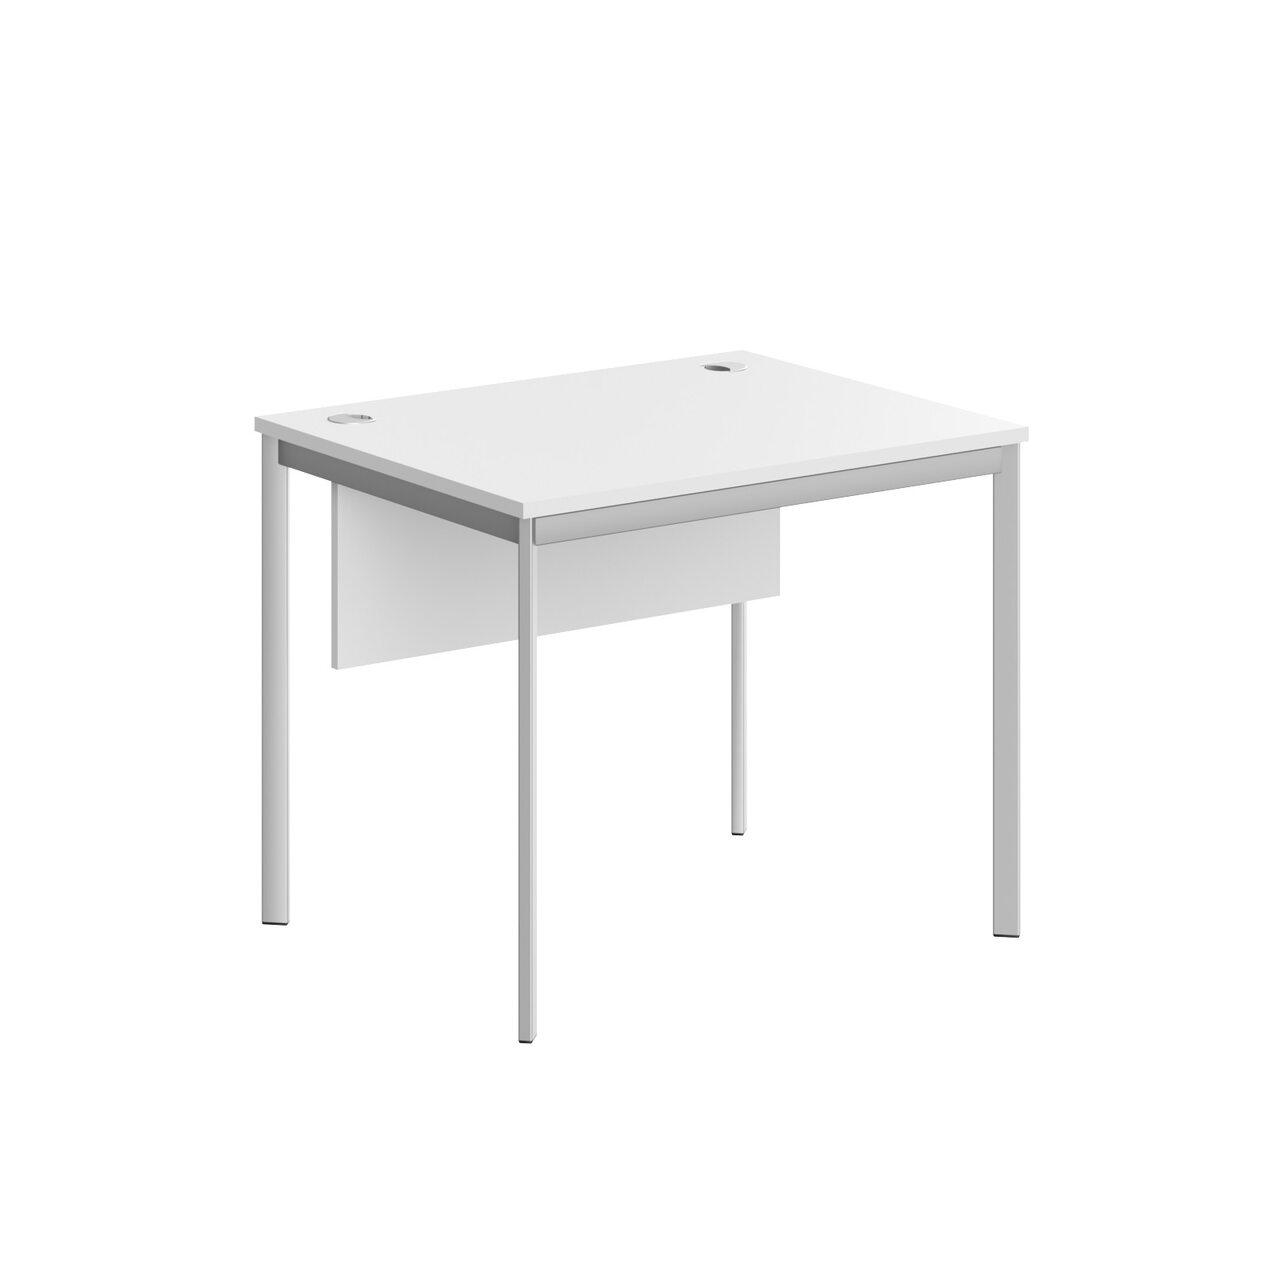 Стол прямой с фрональной панелью  IMAGO-S 90x72x76 - фото 2